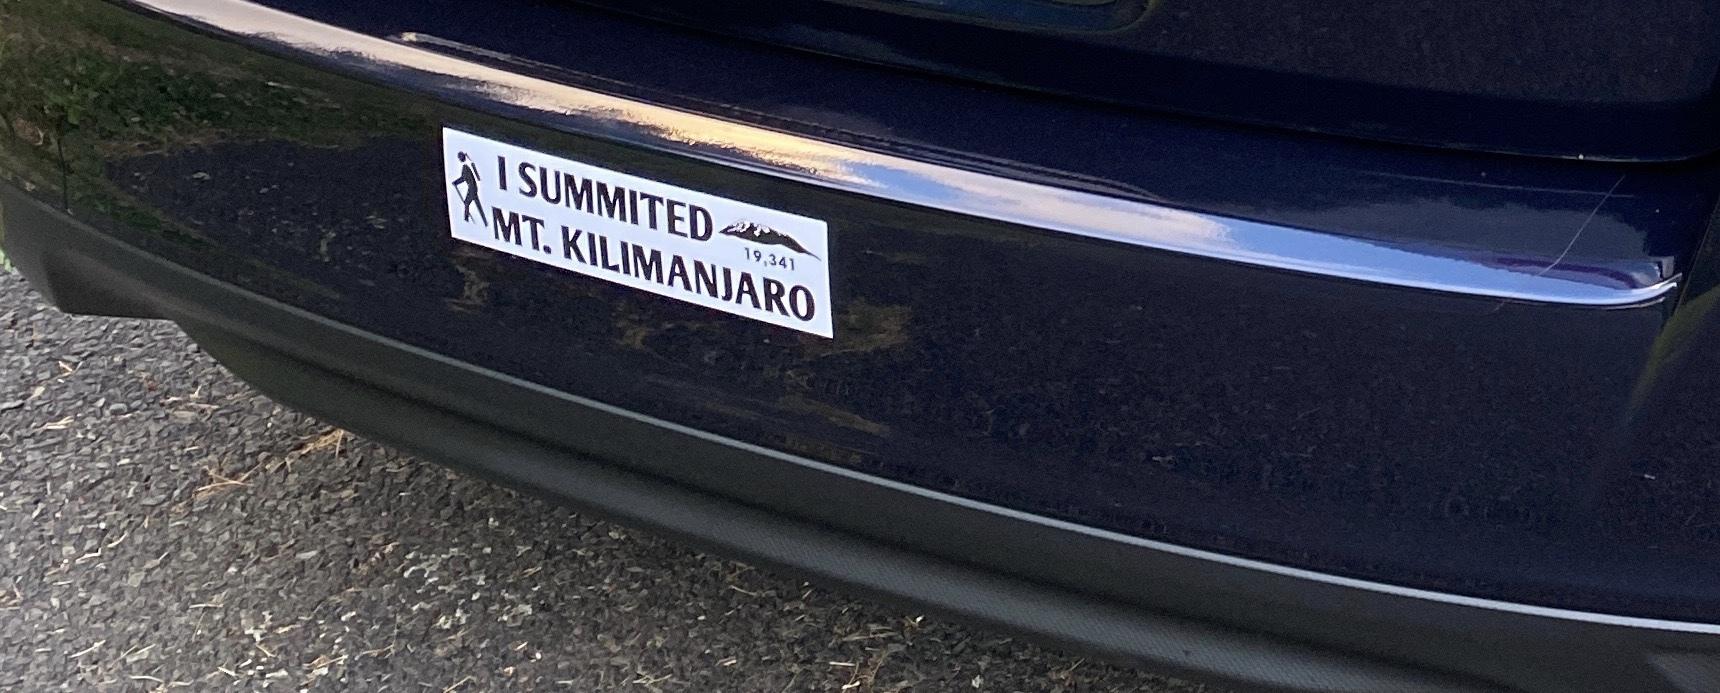 Bill's photograph of their Bumper Sticker Maker